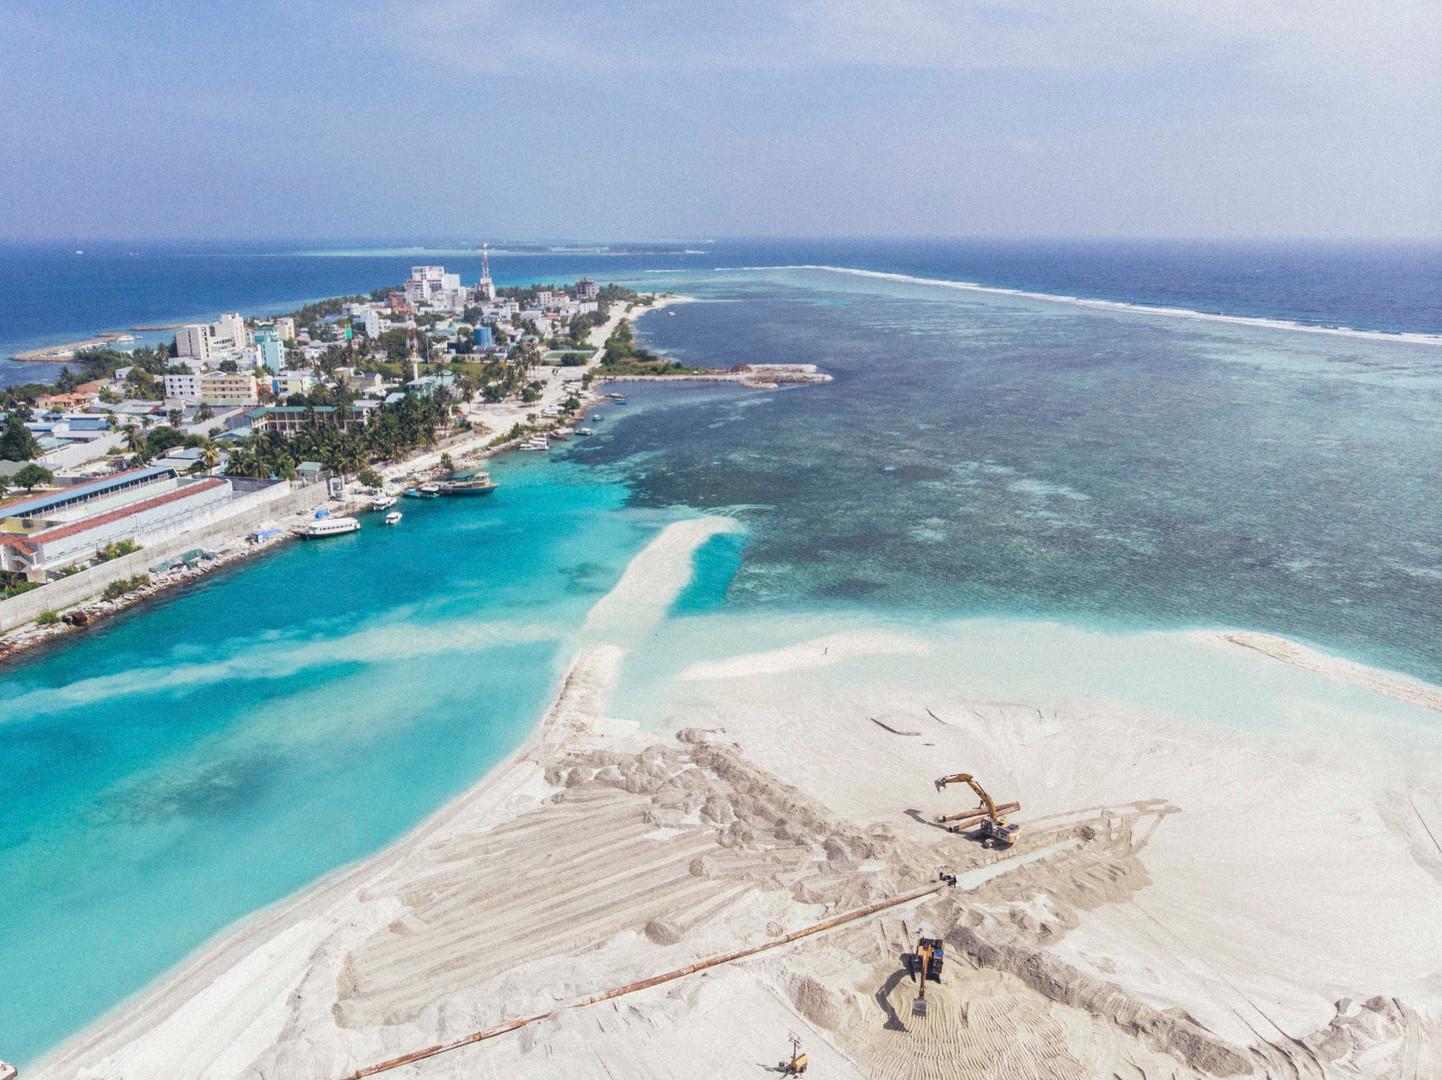 MALDIVES_EDIT_LEBAN0019.jpg